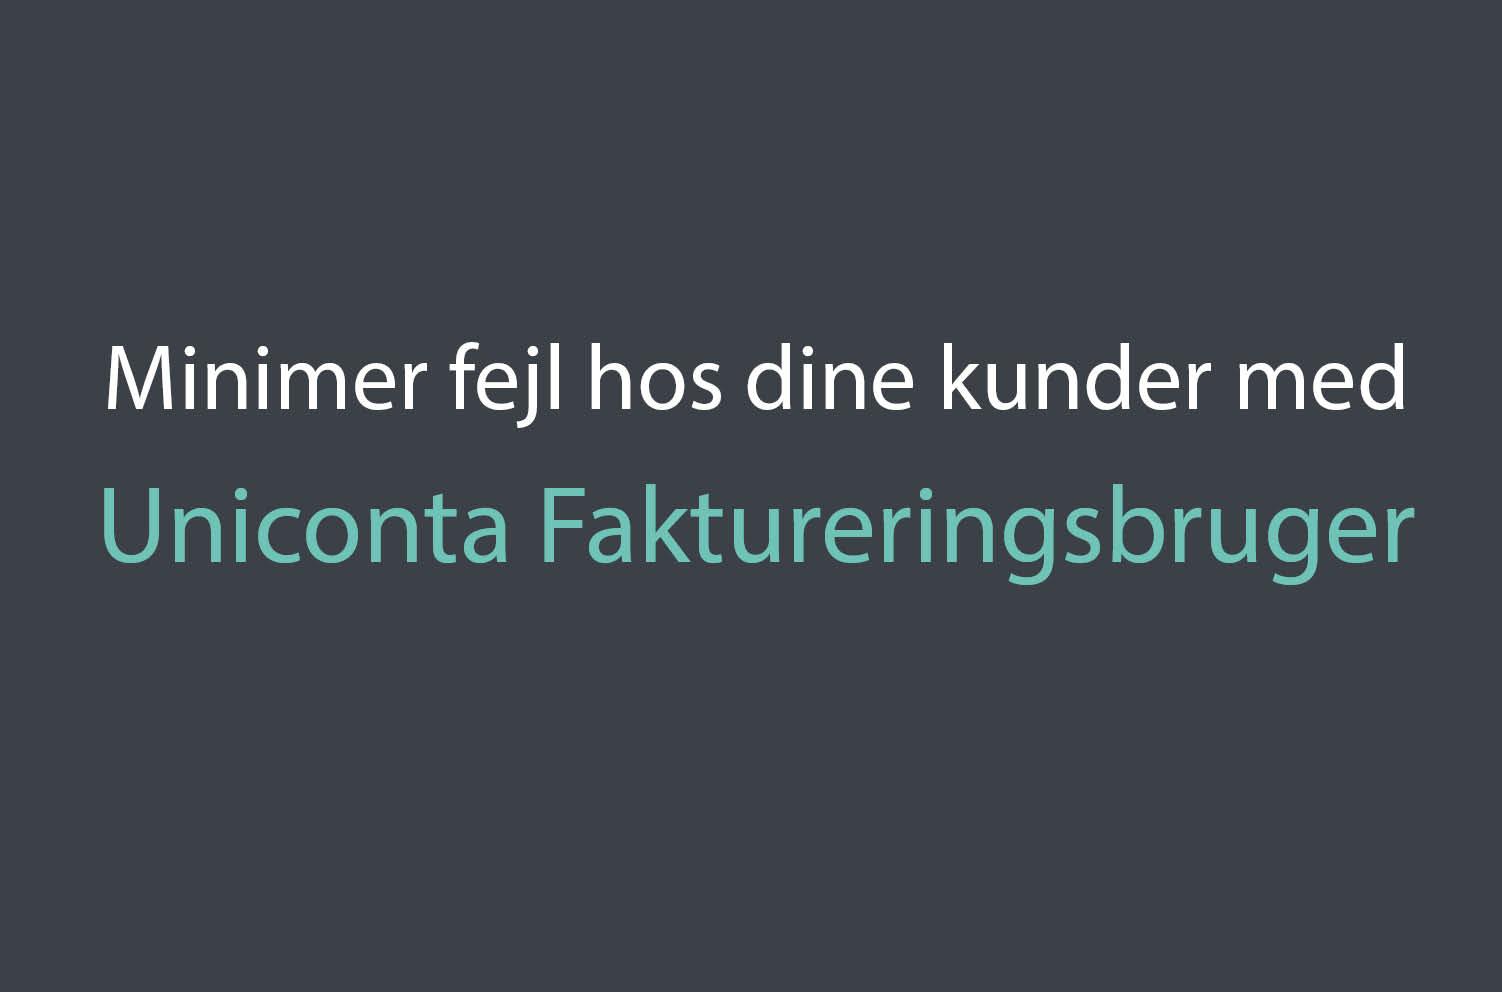 , Univisor fordele, Uniconta